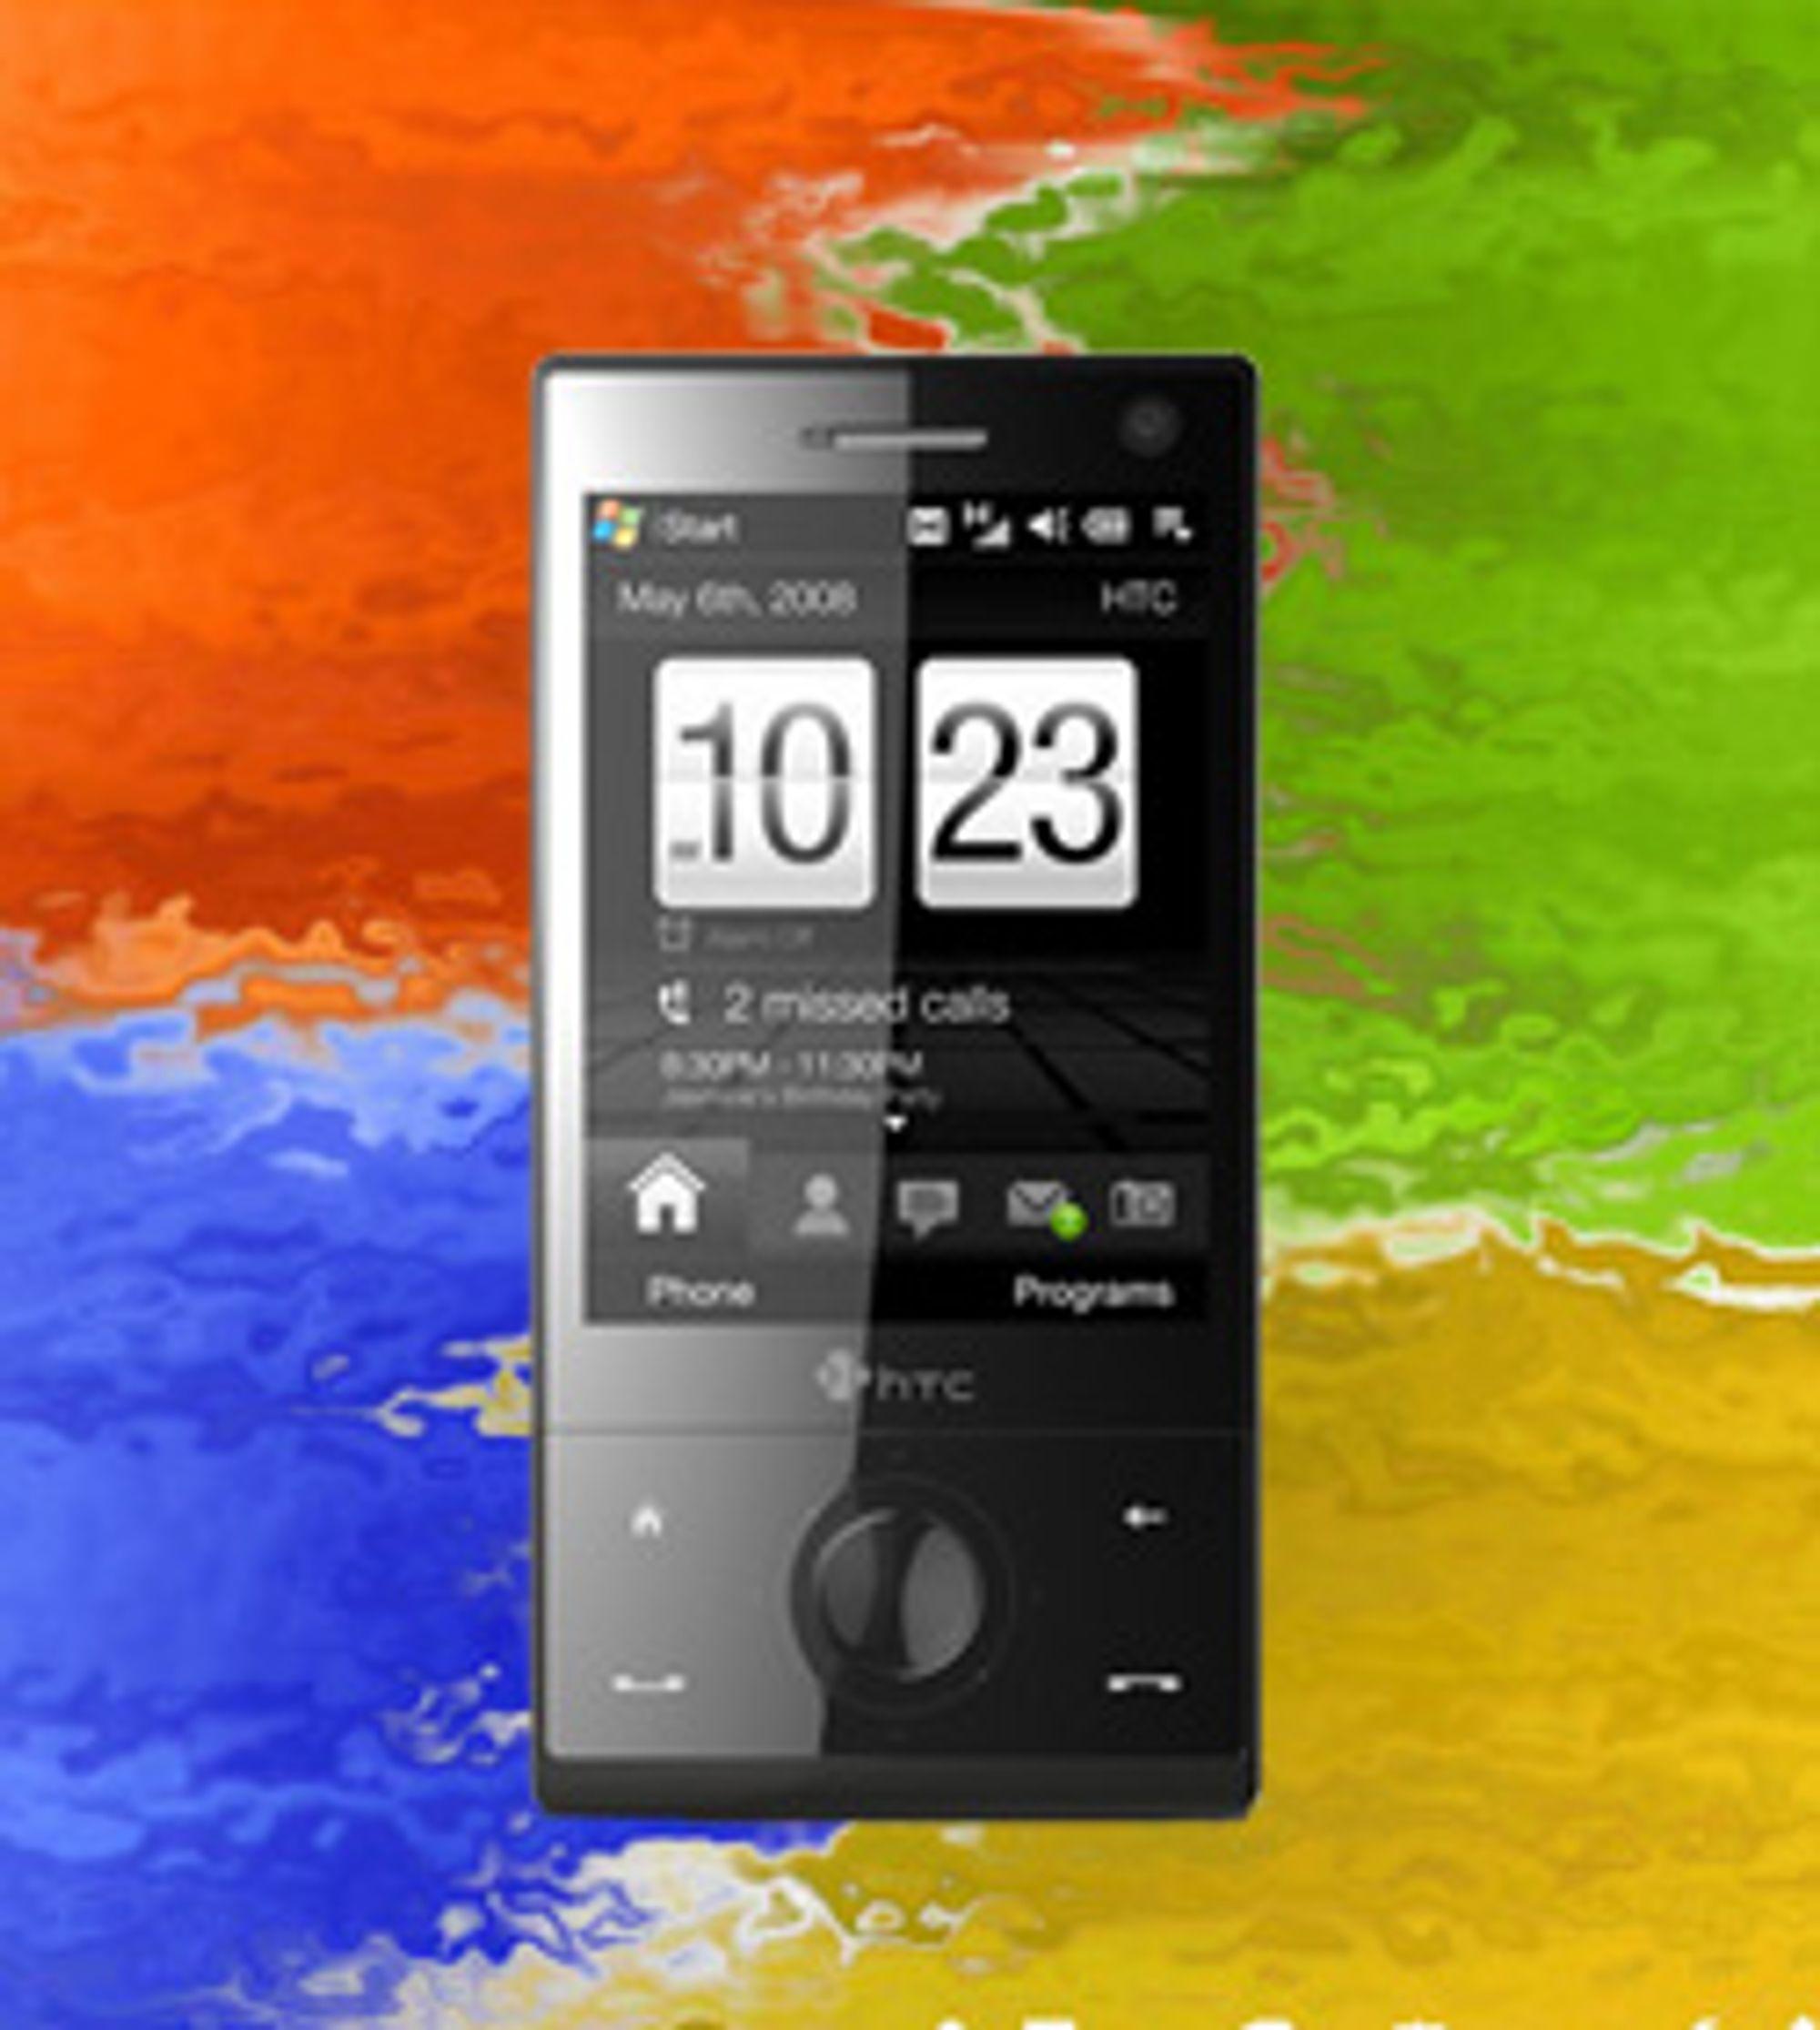 Touch Diamond kan bli blant de siste HTC-telefonene som kjører Windows Mobile 6.1.